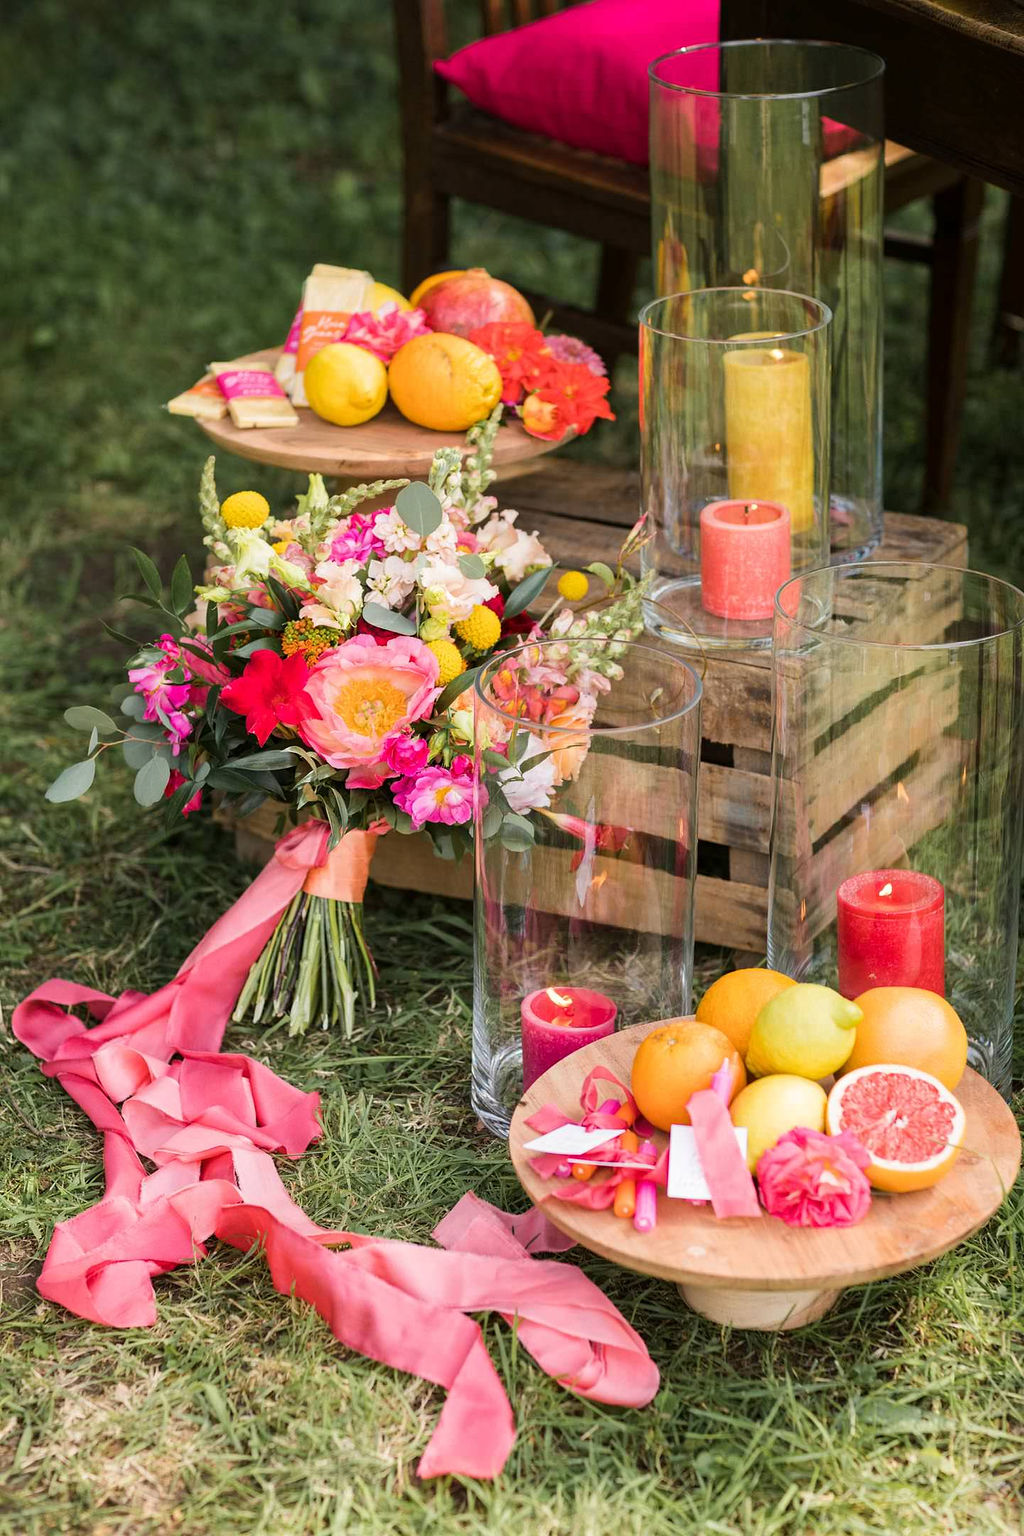 Tischdeko Sommer bunt, Hochzeit Tischdeko bunt, Gartenhochzeit Sommer Tischdeko Ideen bunt, Gartenparty, Sommerfest, Gartenfest, Sommerhochzeit bunte Dekoration, Hochzeitsdeko bunt, Pink, Orange, Gelb Rot